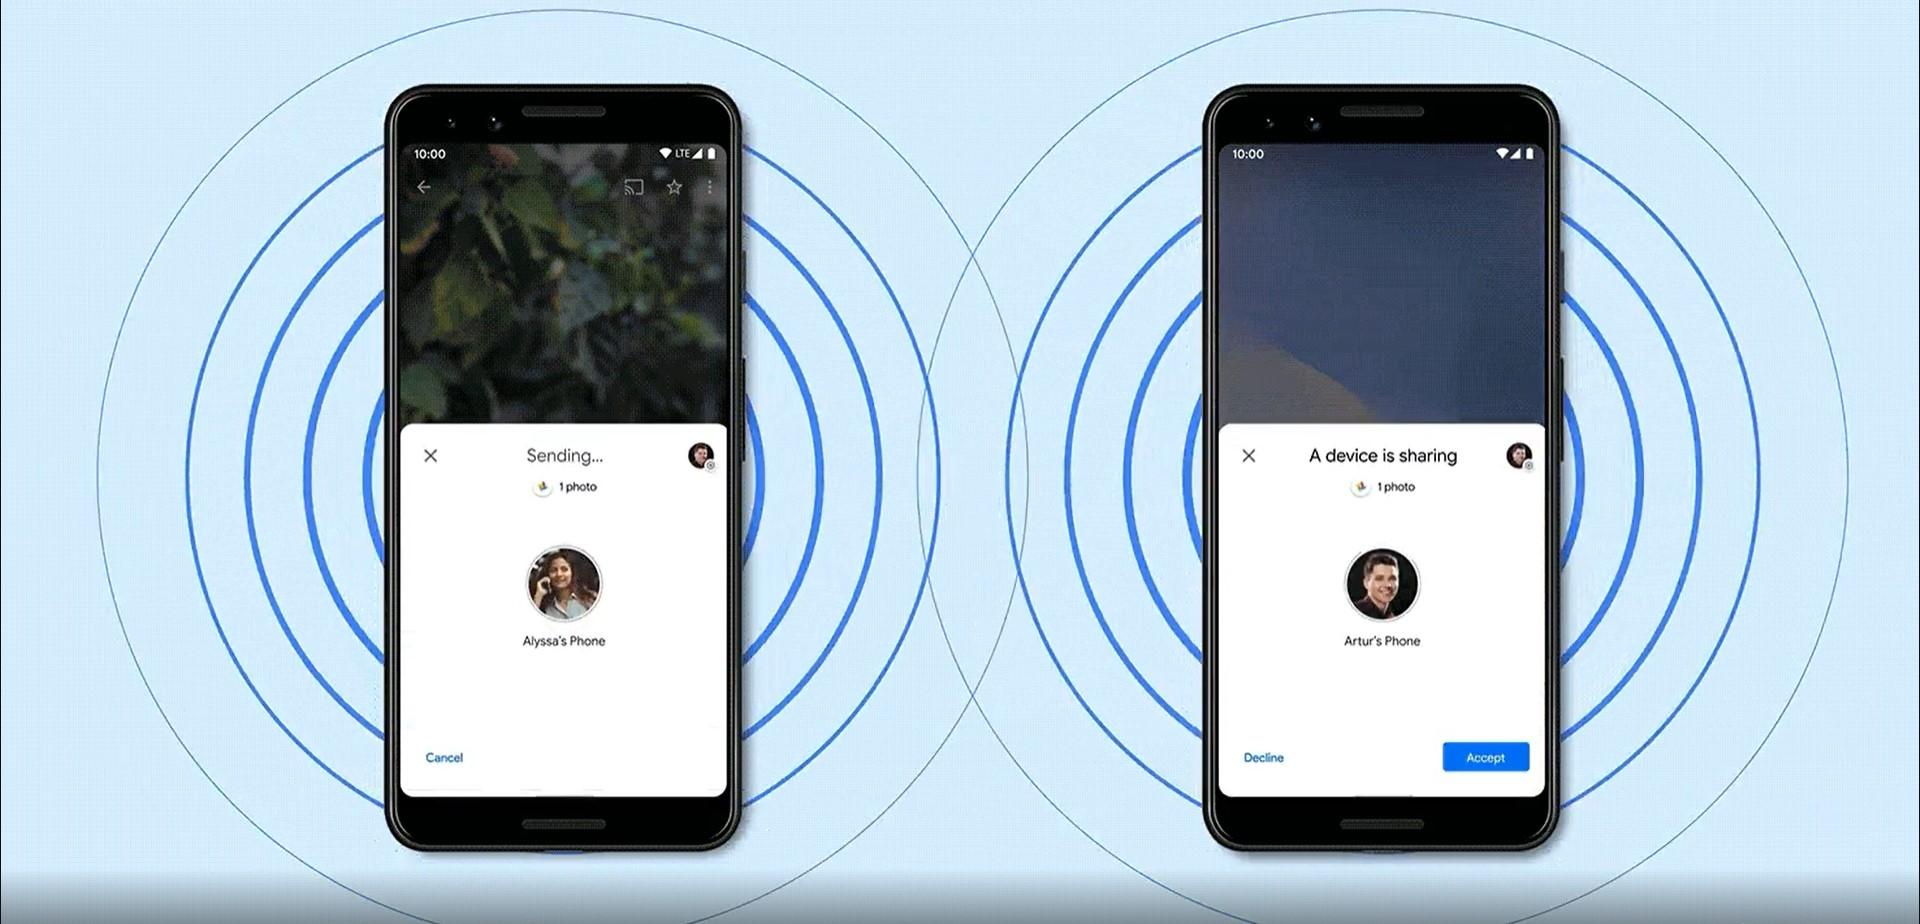 Nearby Share là gì? Sao được gọi là AirDrop cho Android 4